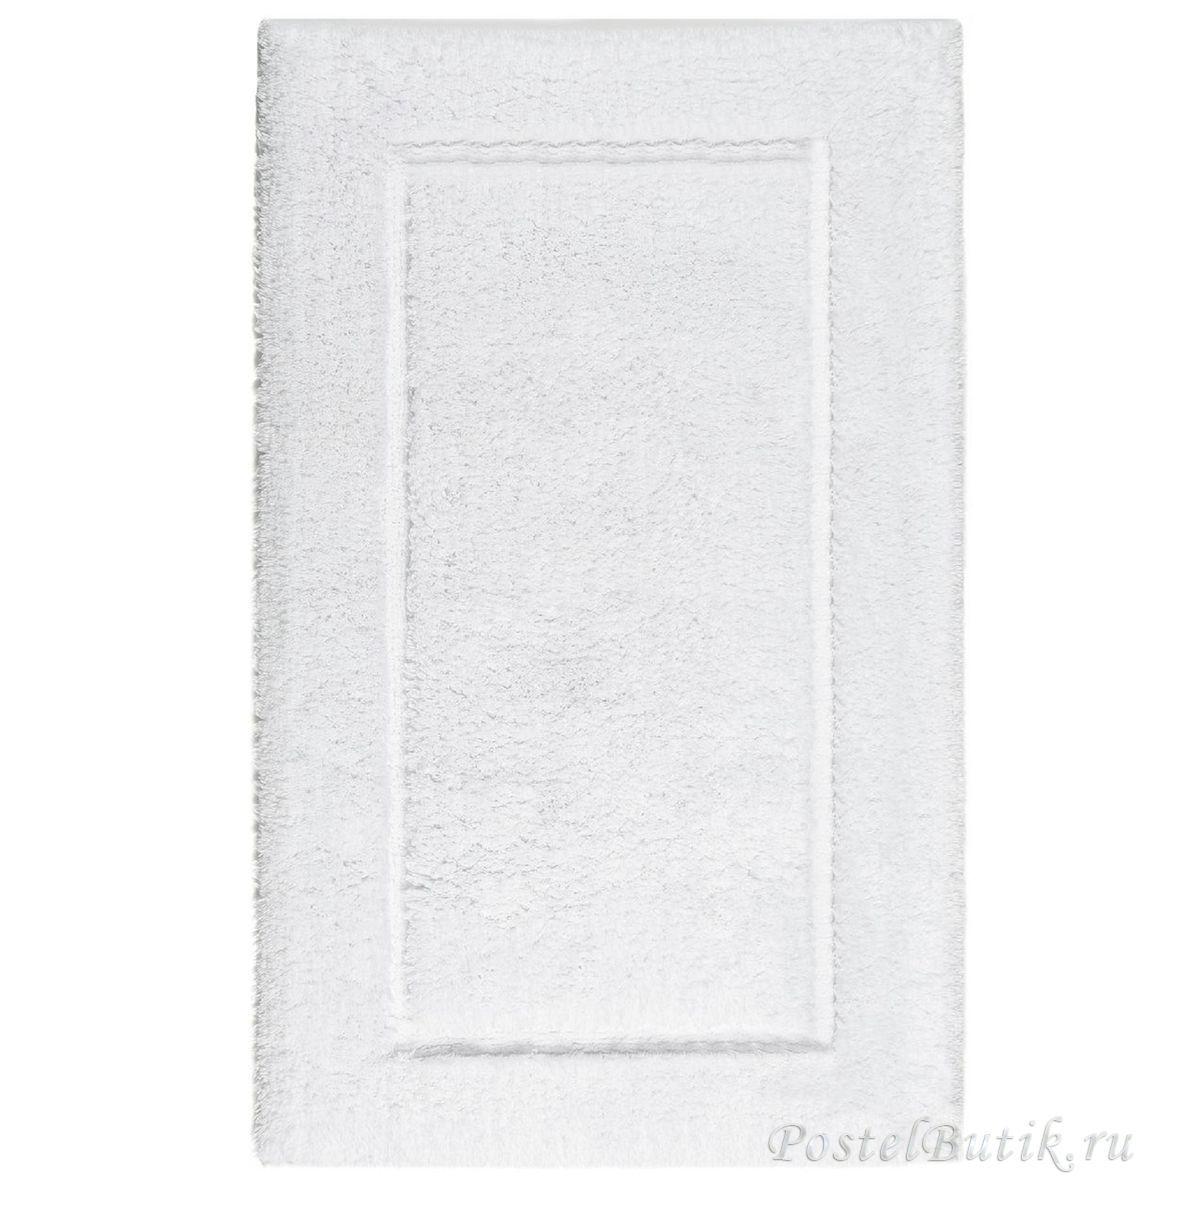 Элитный коврик для ванной Classic Egyptian White от Kassatex